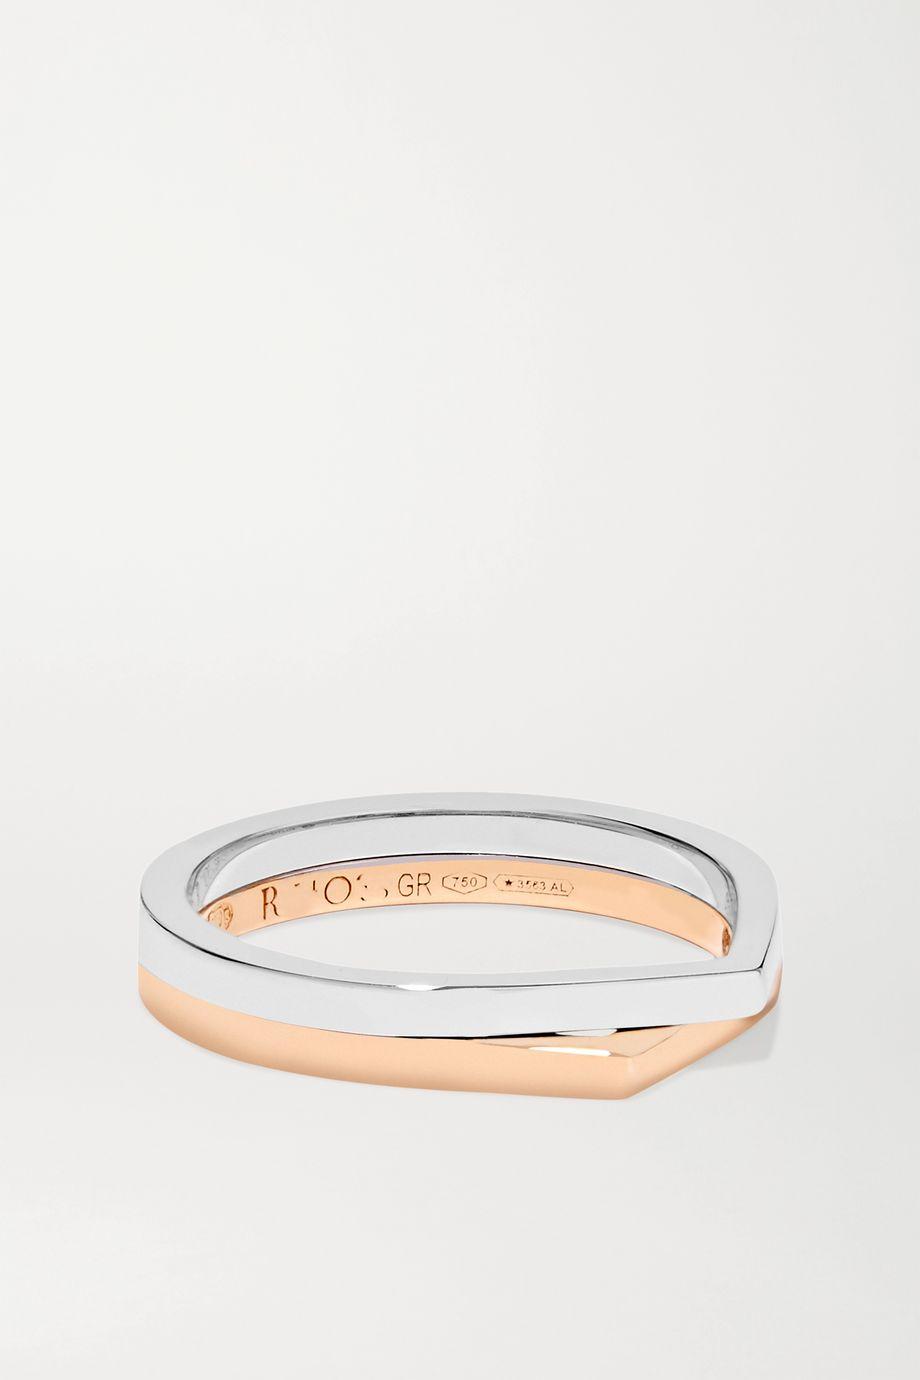 Repossi Antifer 18-karat rose and white gold ring